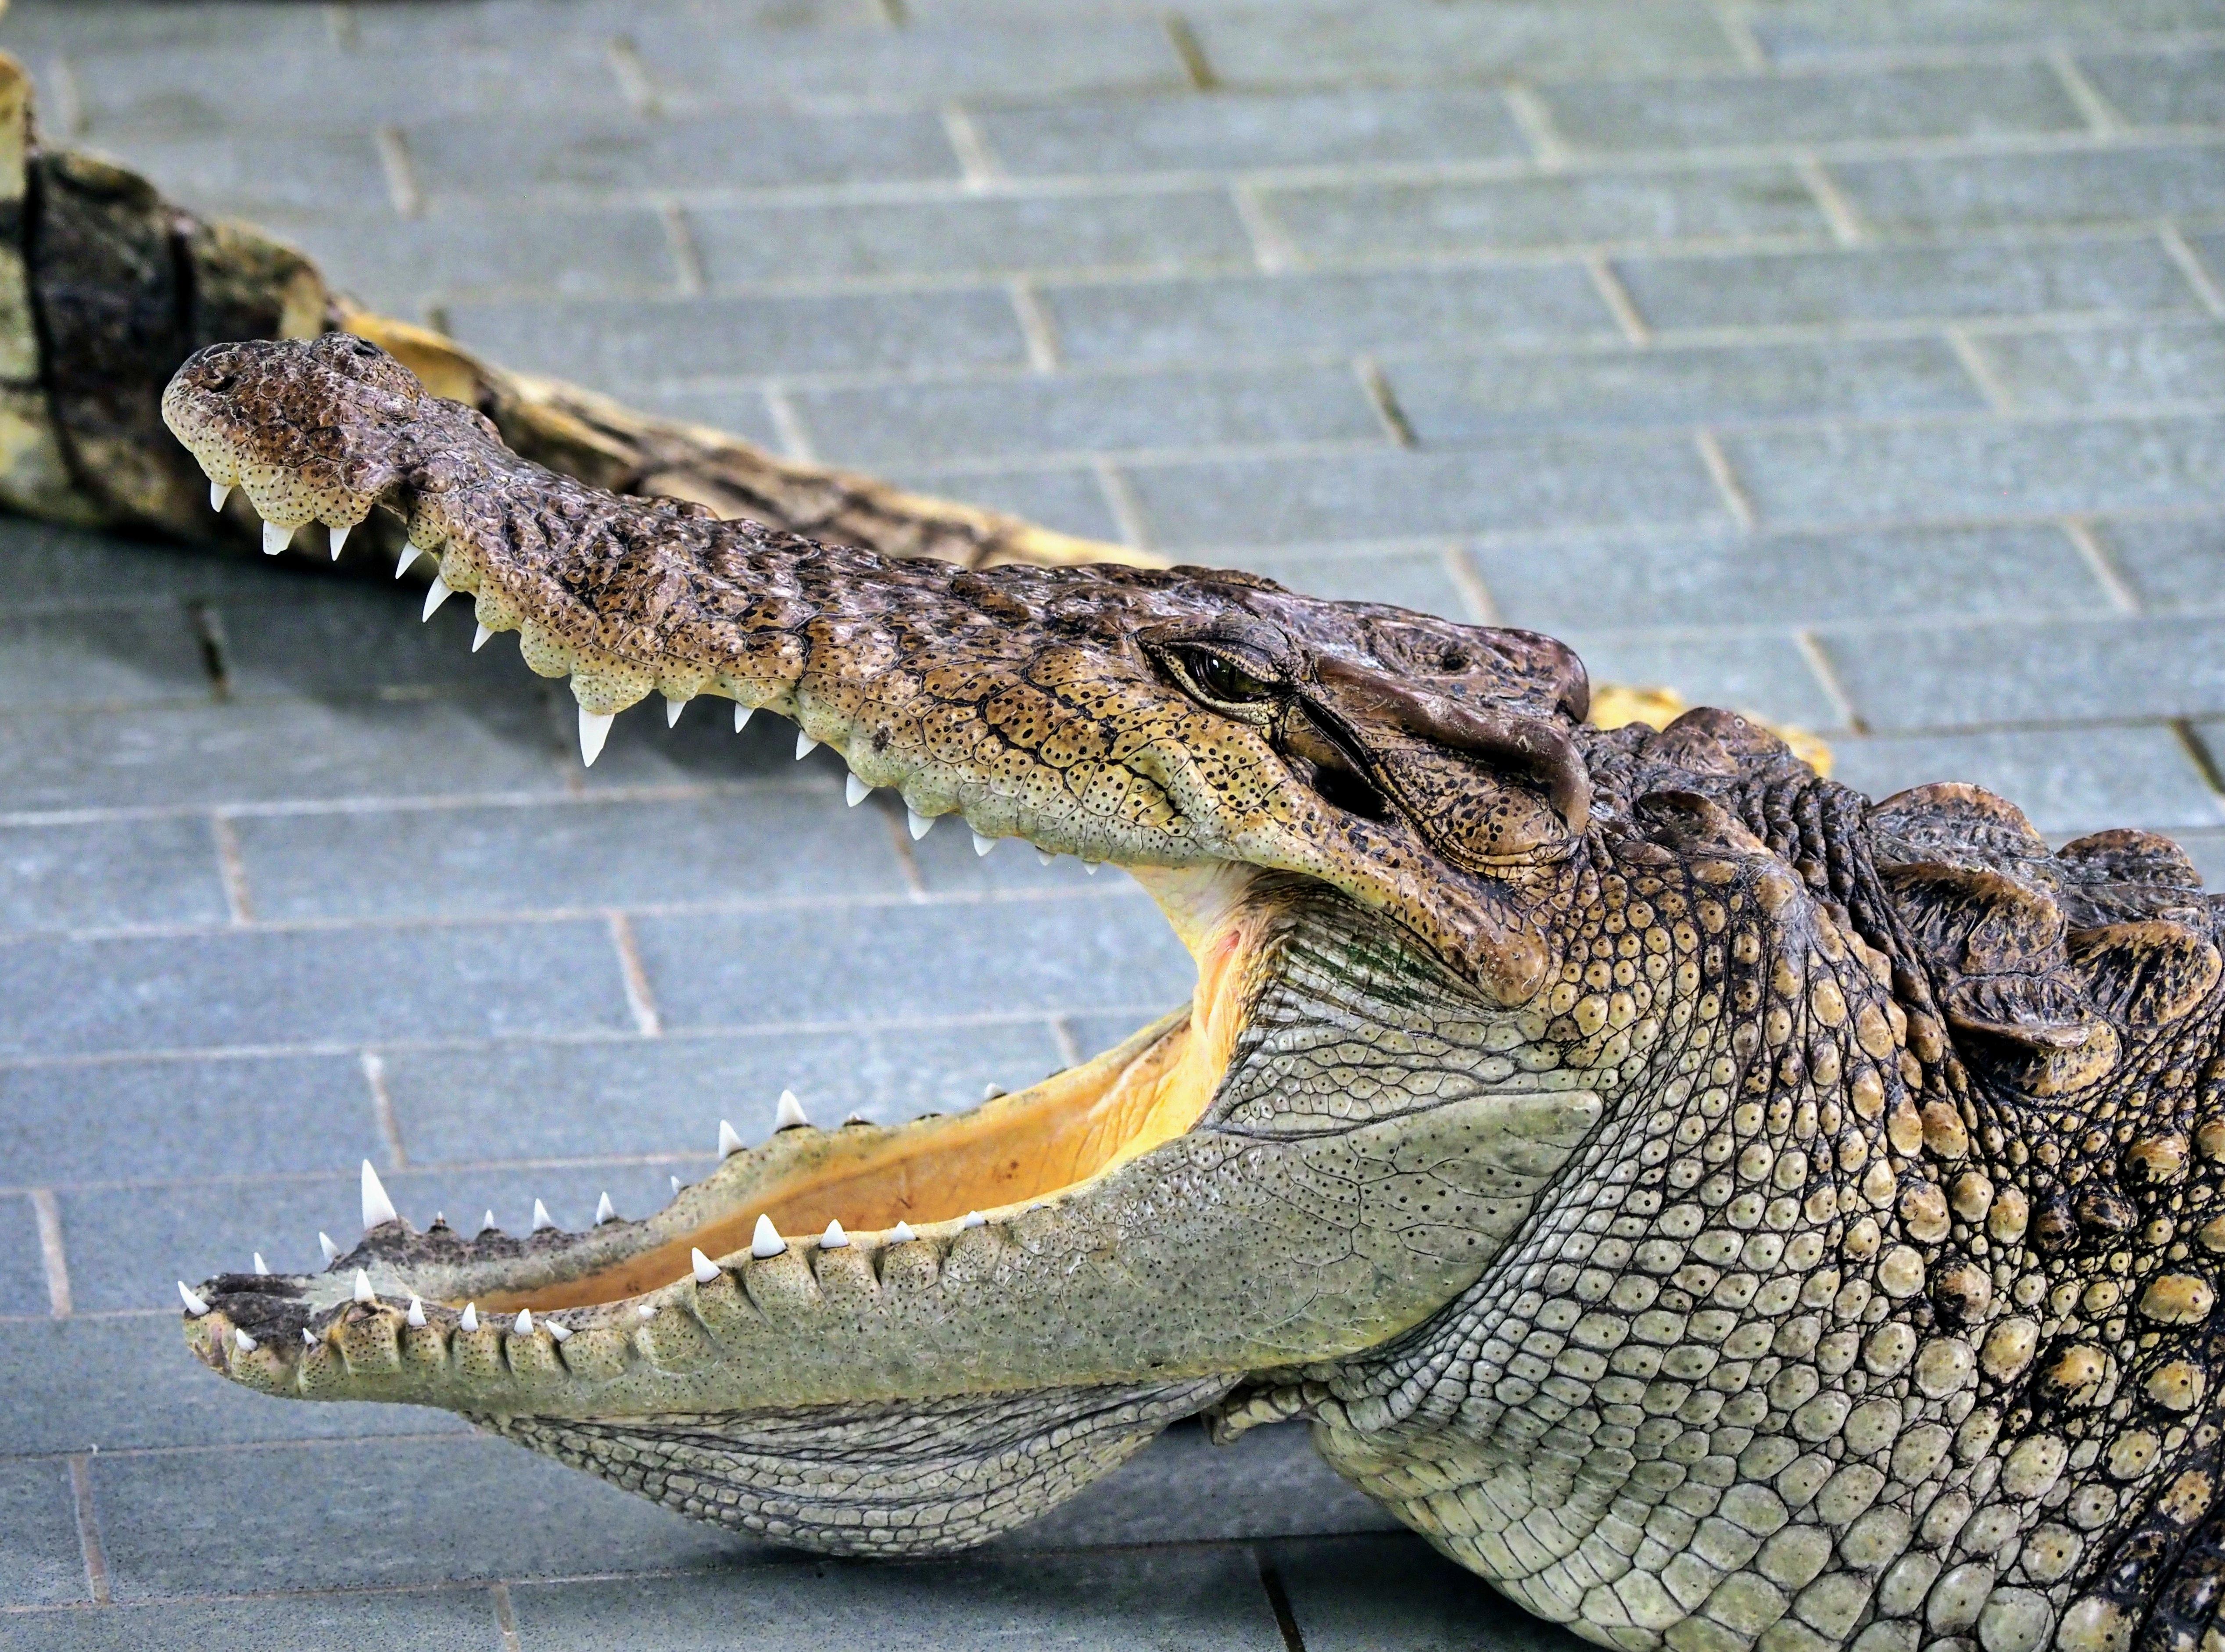 두꺼운 턱, 날카로운 이빨을 지닌 악어의 모습